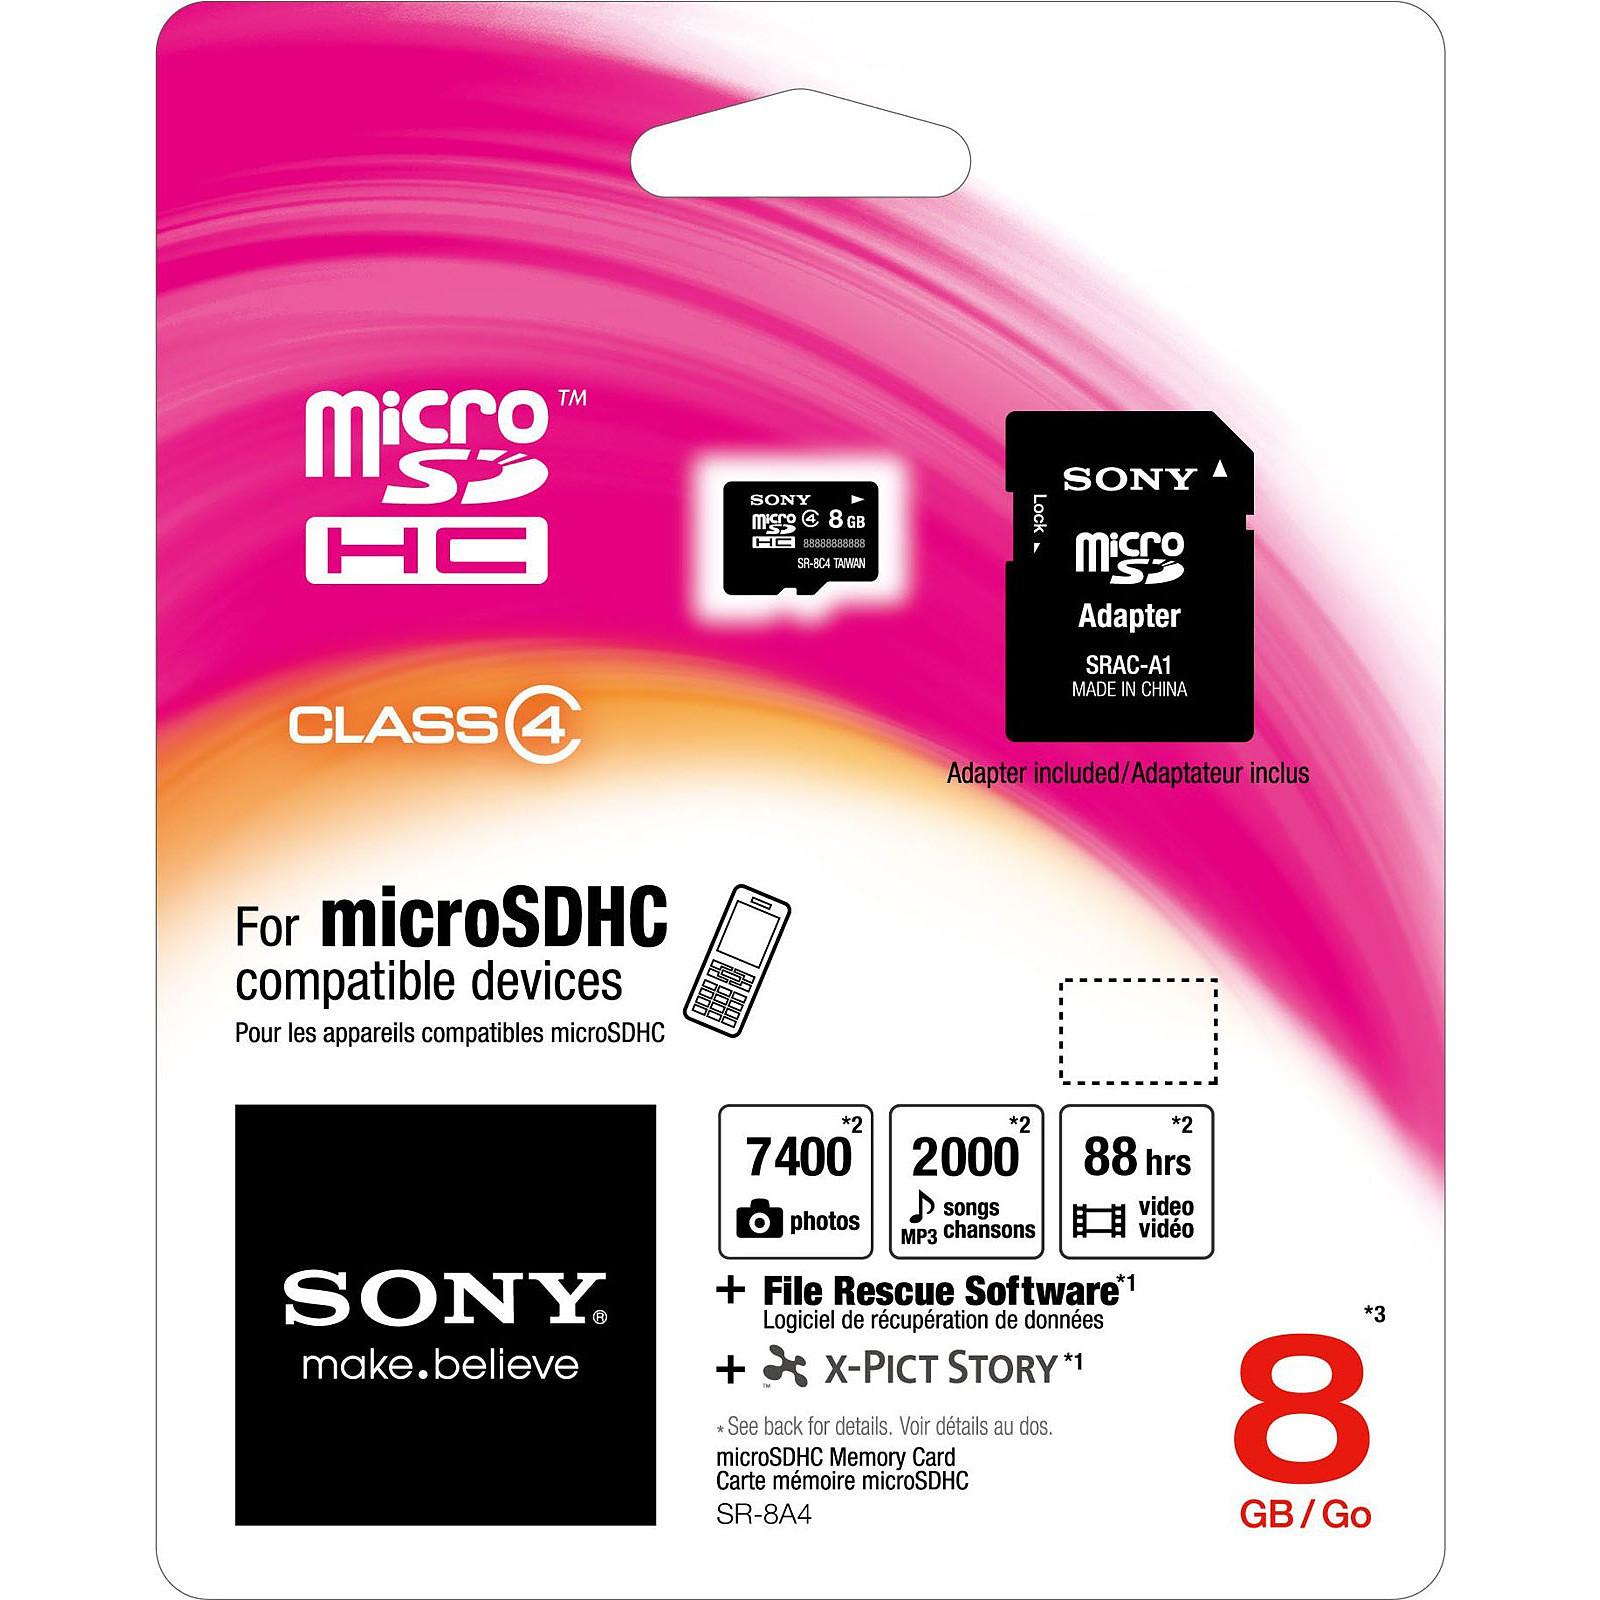 Sony microSD HC 8 Go